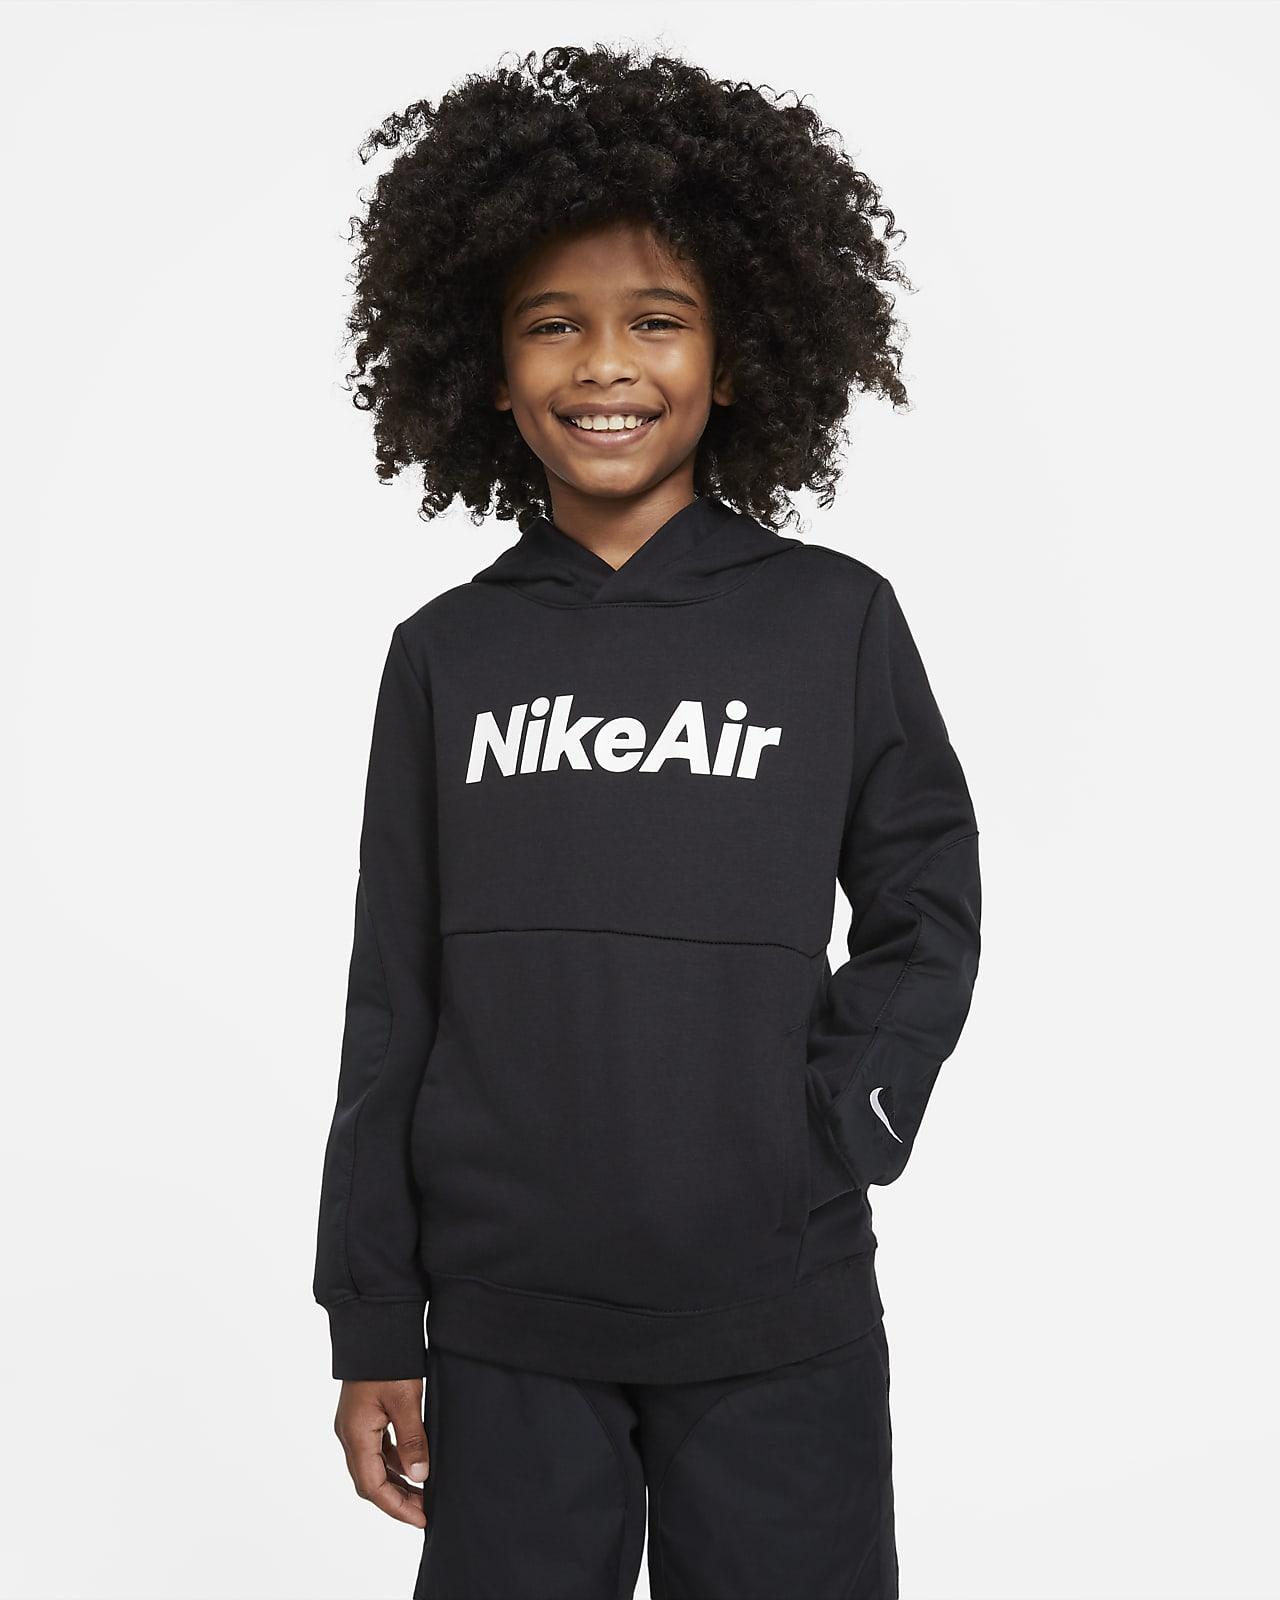 Huvtröja i frotté Nike Air för ungdom (killar)